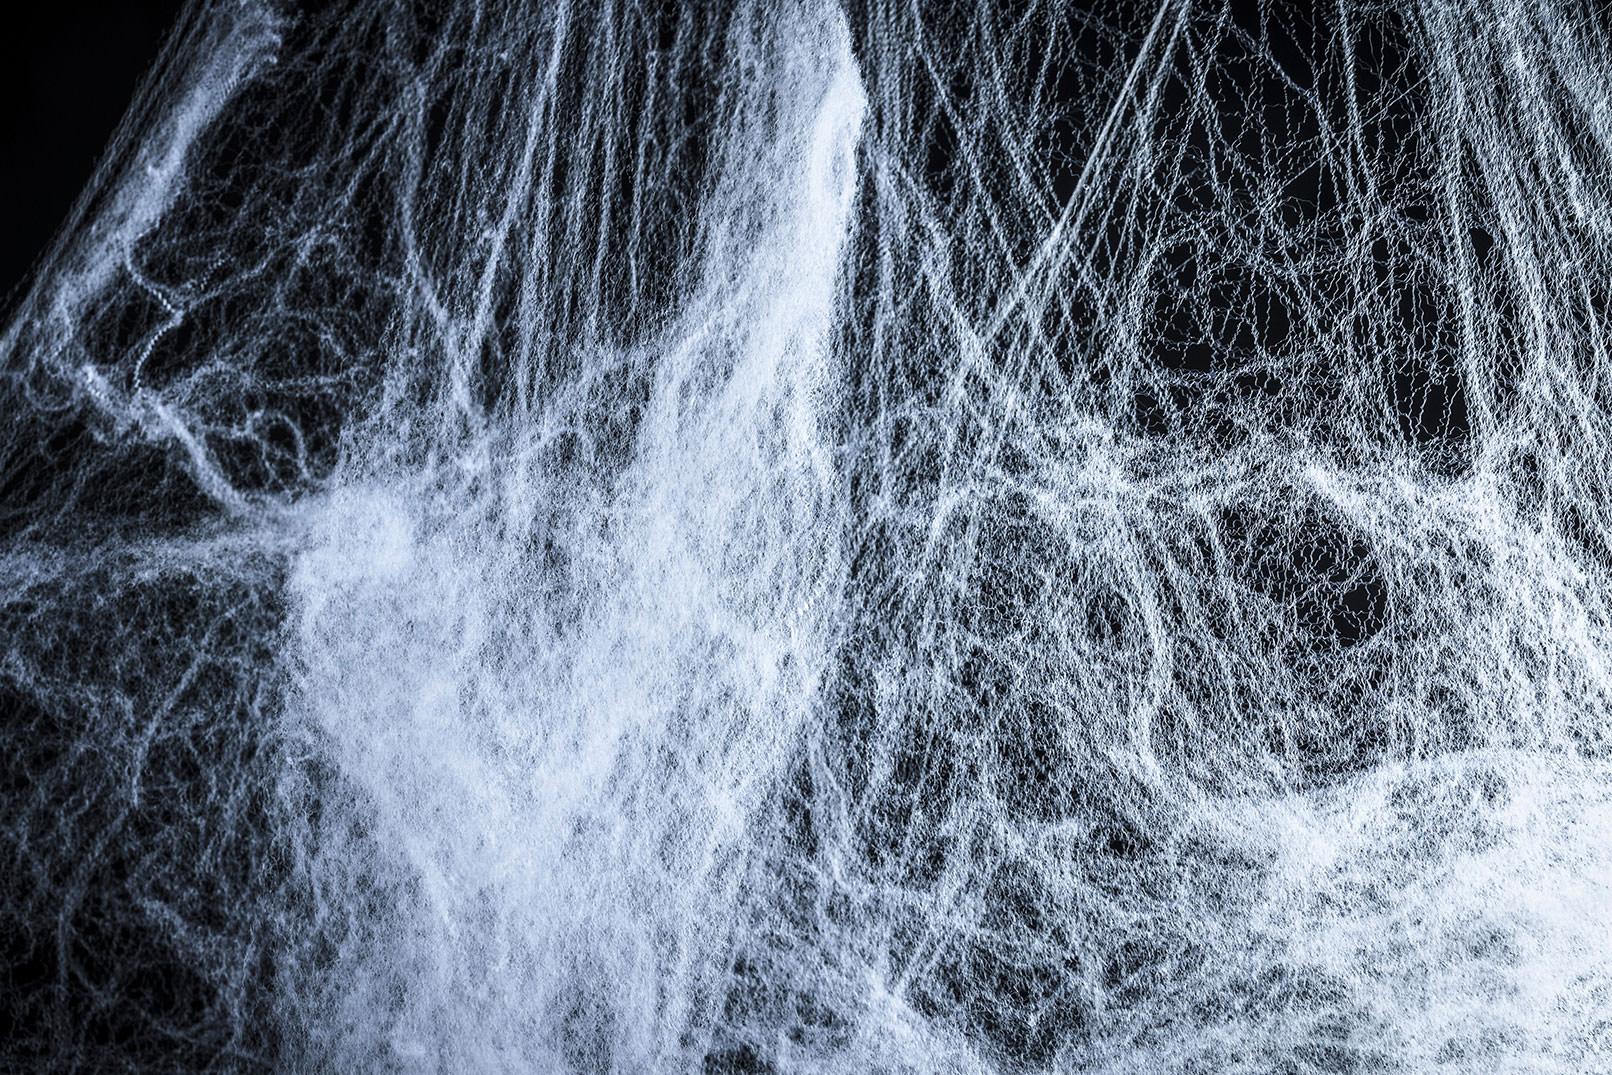 Spinnennetze vor schwarzem Hintergrund zur Einarbeitung in eigene Bilder